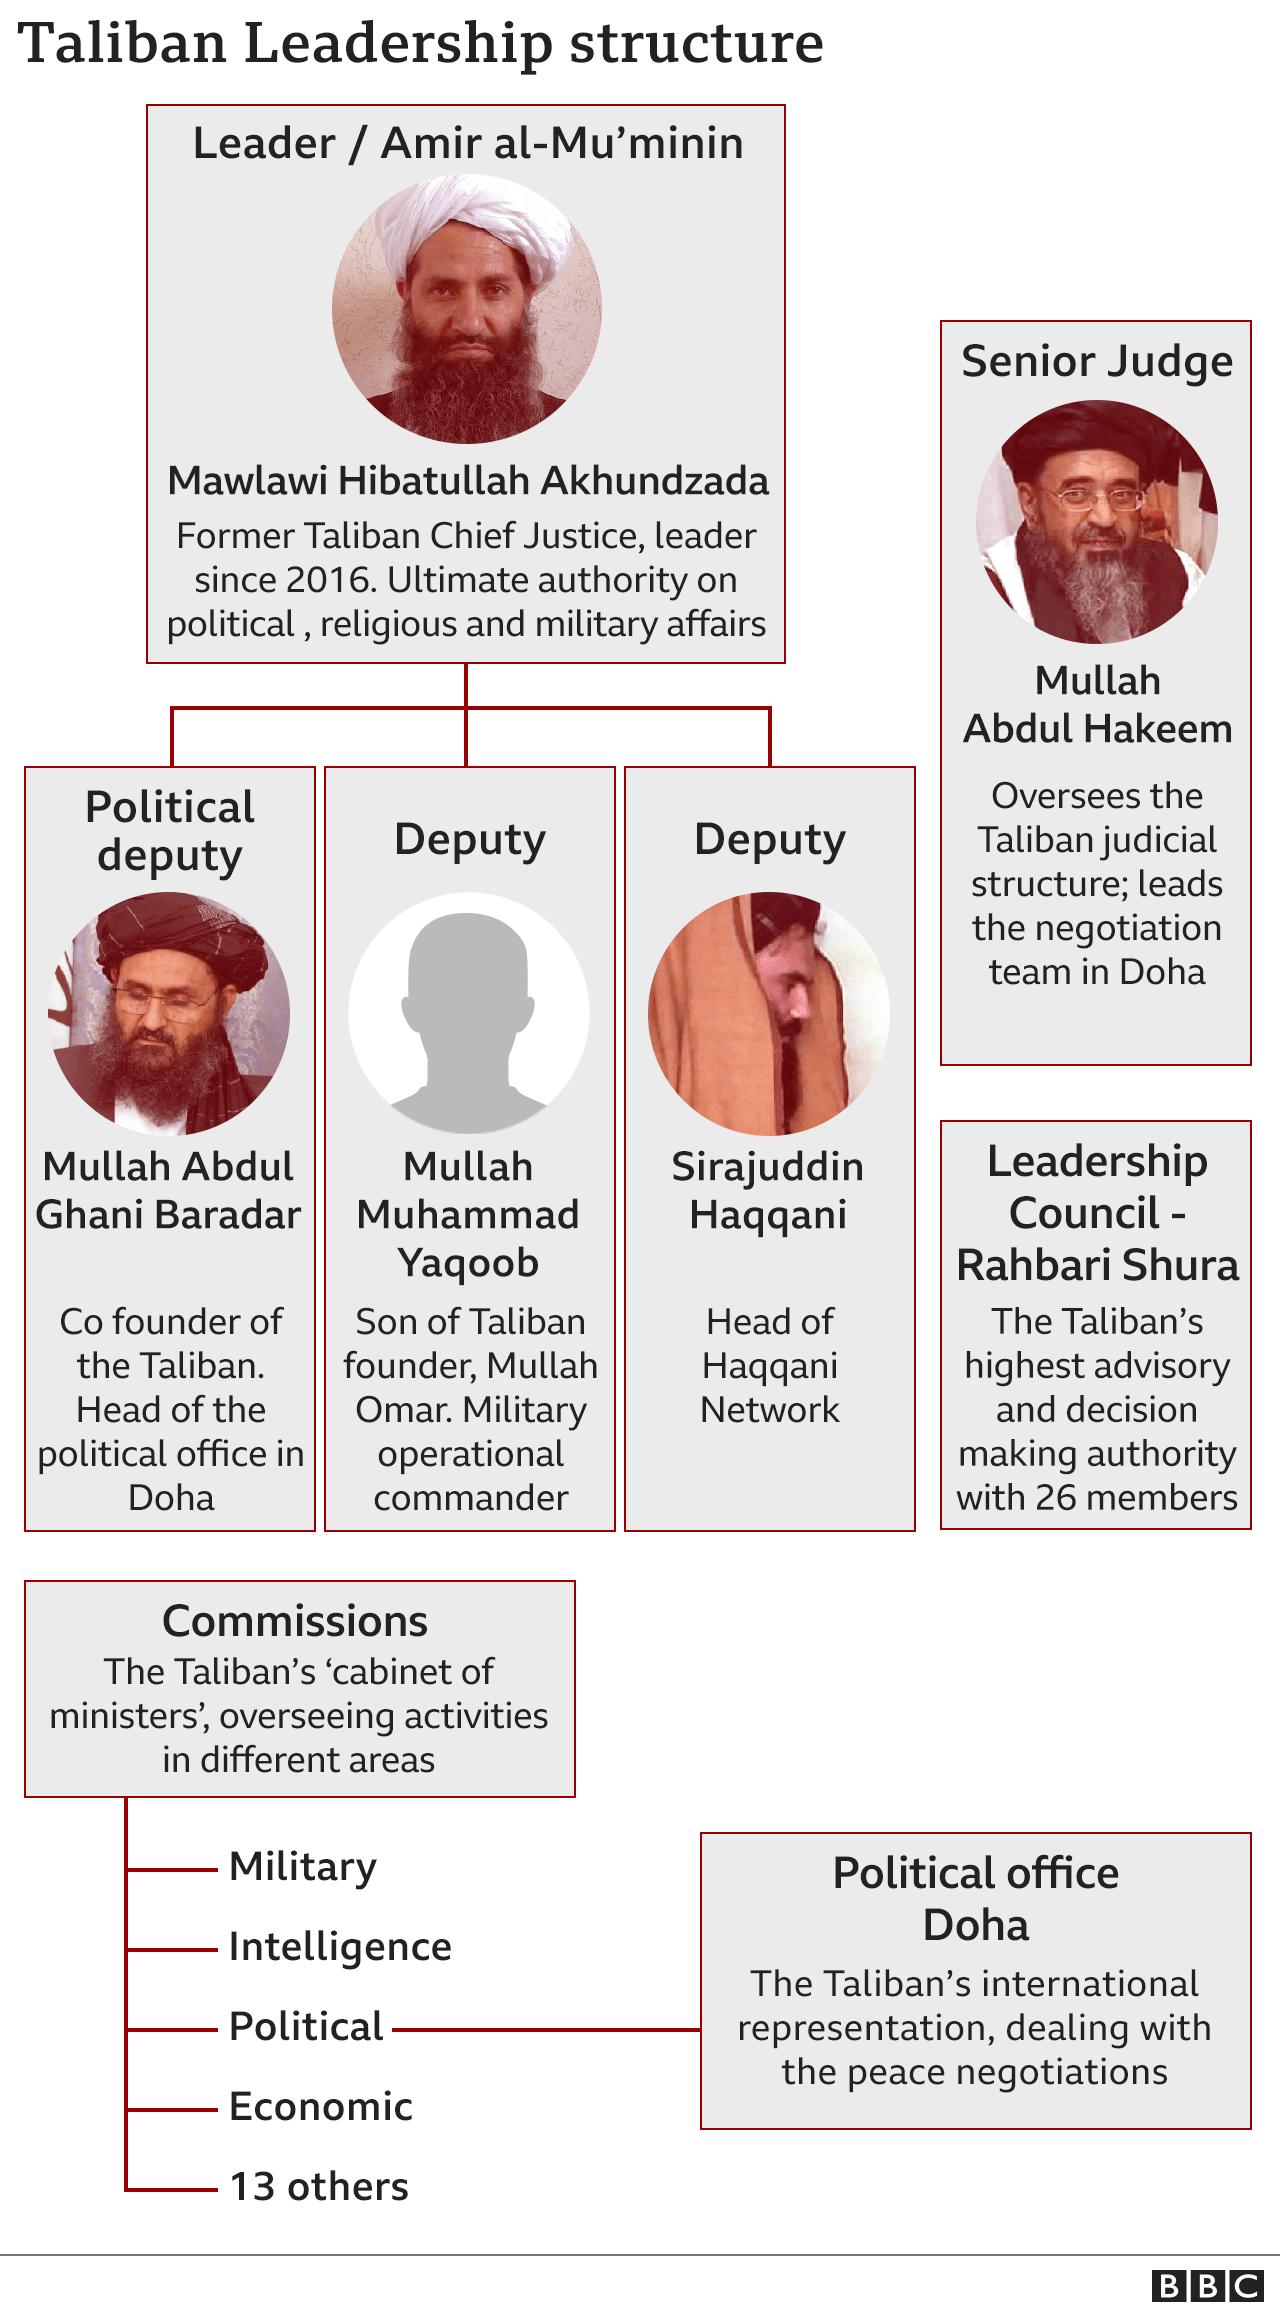 Γραφικό που δείχνει την ηγετική δομή των Ταλιμπάν